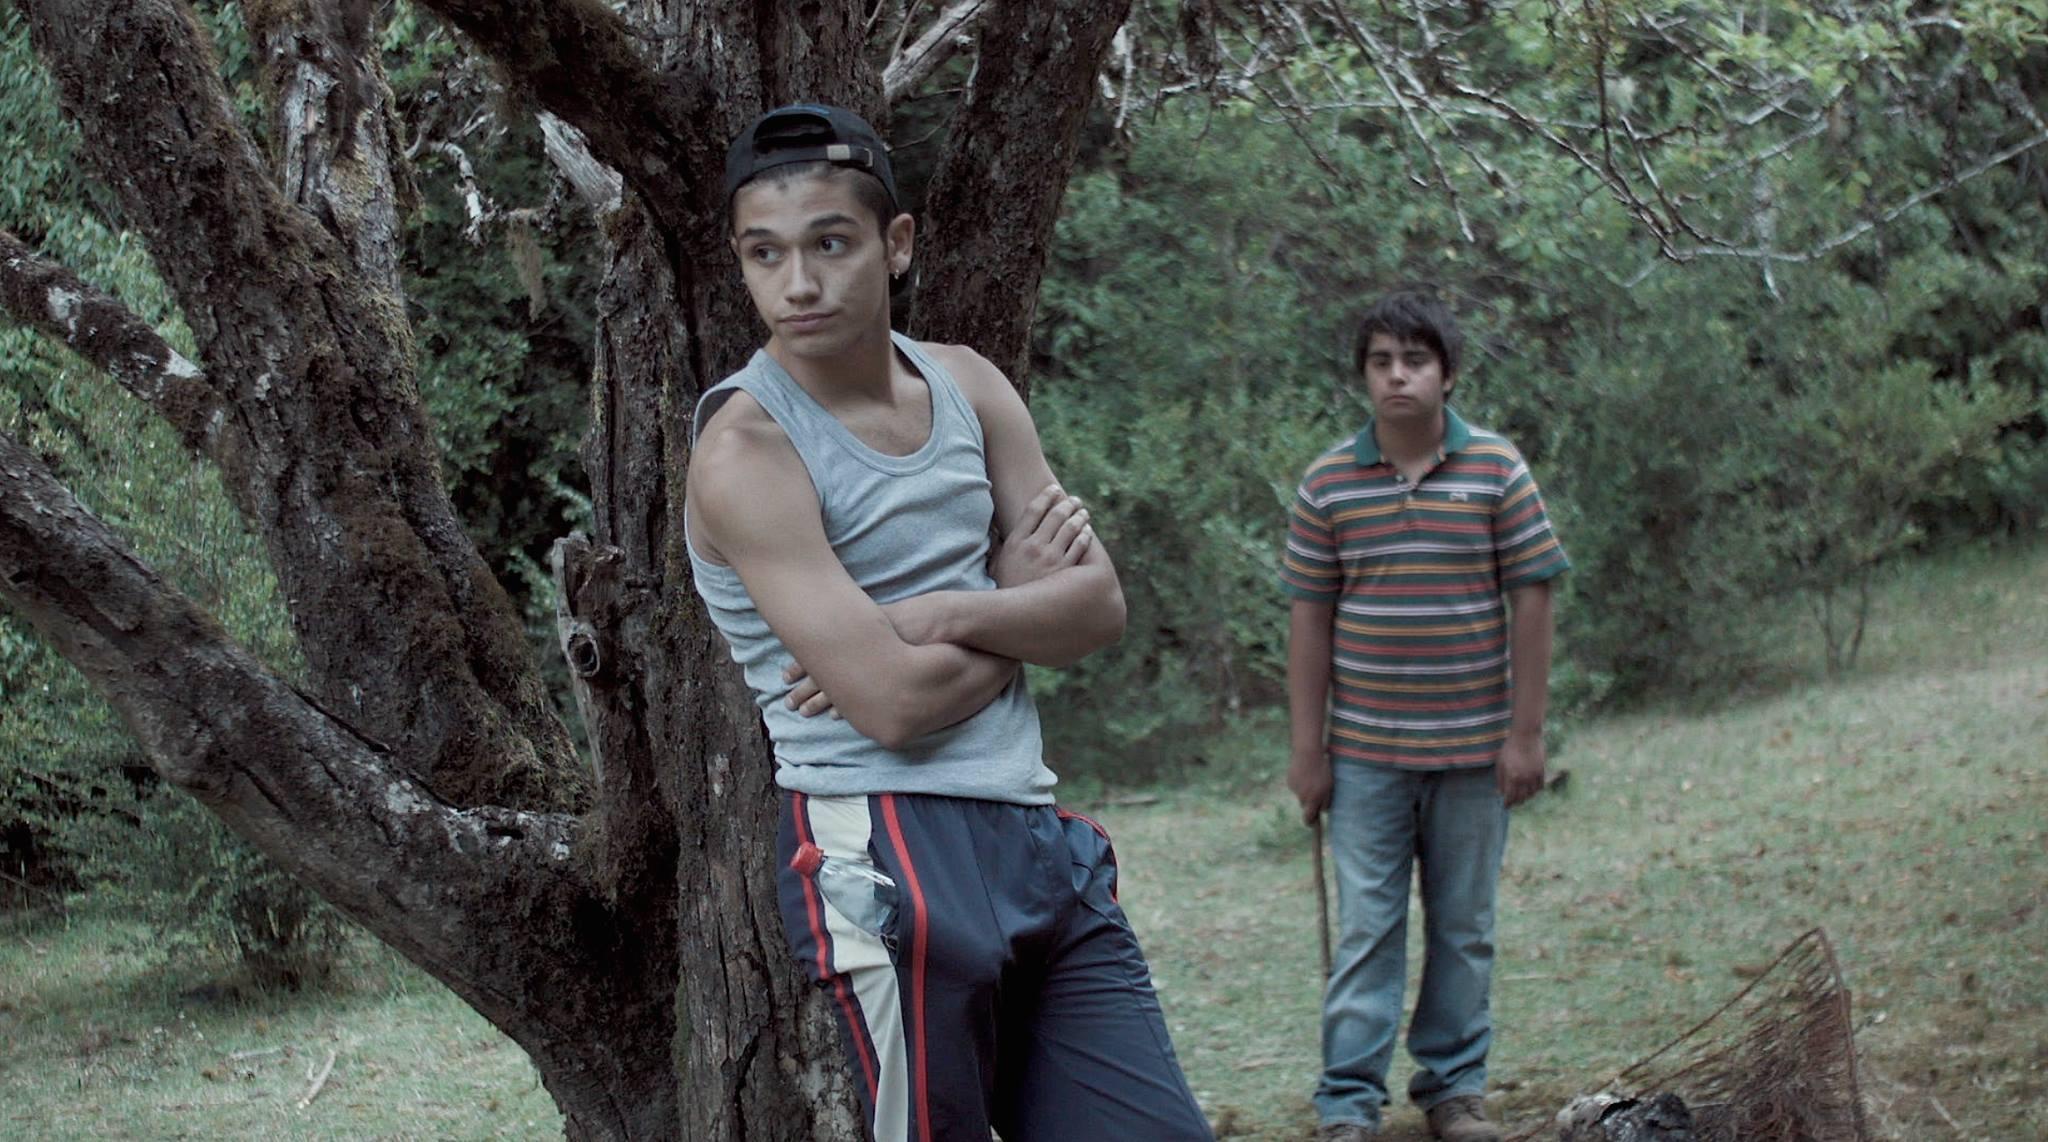 Los dos personajes de la película 'Mala junta': Tano (Andrew Bargsted, izq.) y Cheo (Eliseo Fernández, der.).